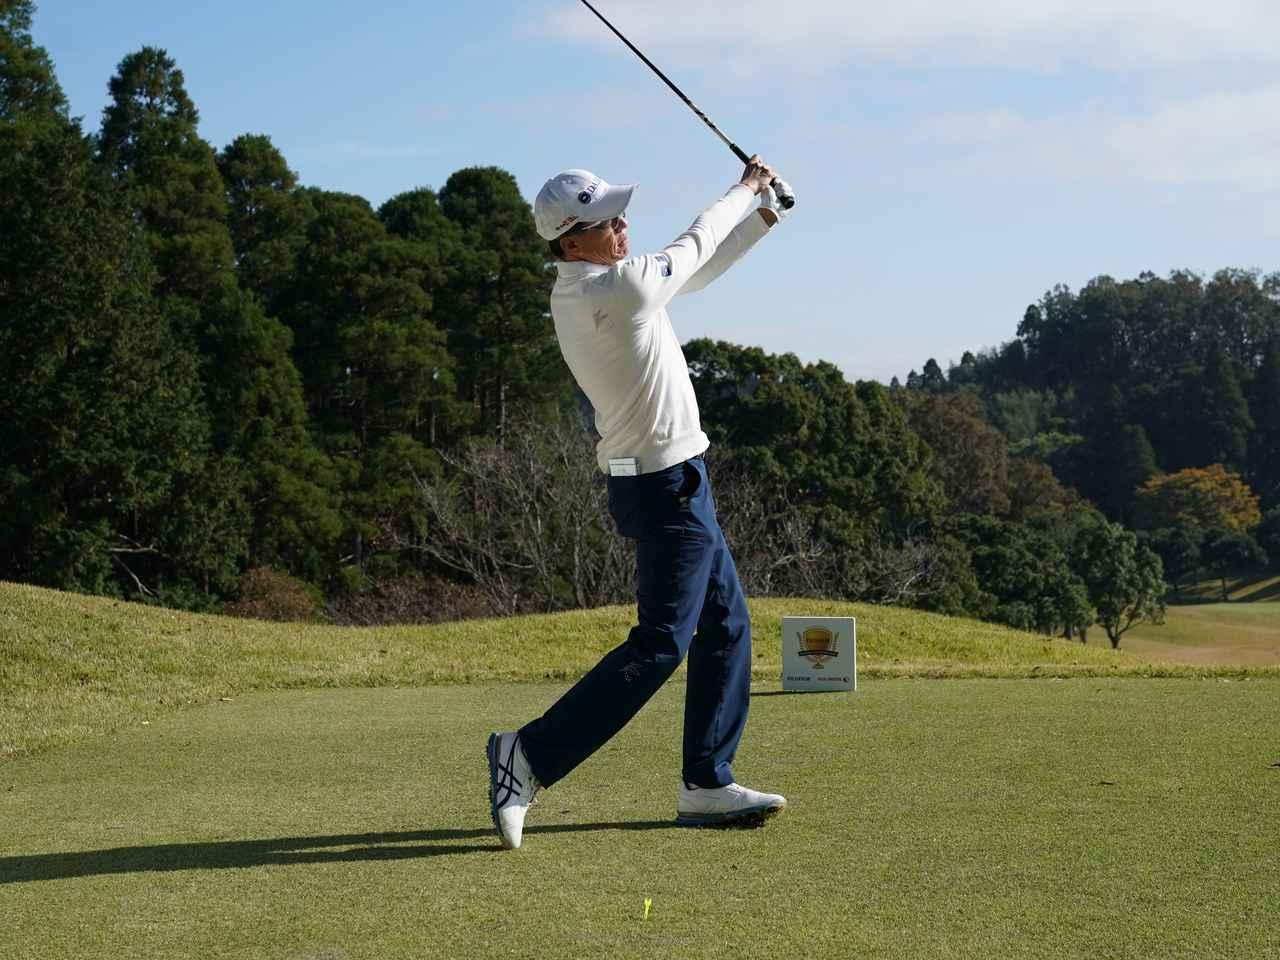 画像6: 【ミート率】ボールを左に置くから体が流れる。ボールはスタンスの真ん中に! 田村流スウェイの直し方